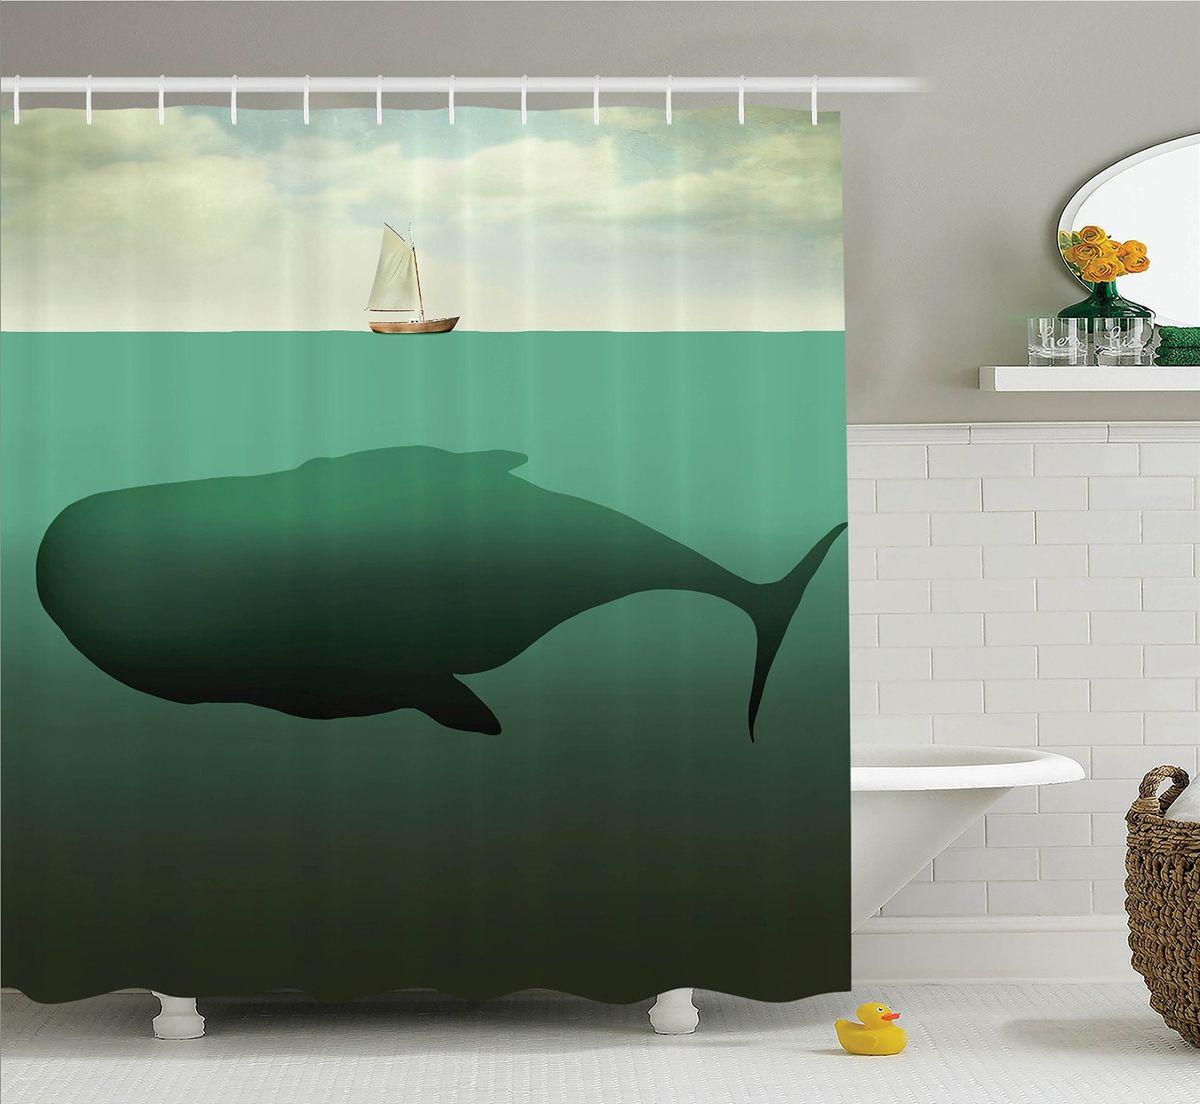 Штора для ванной комнаты Magic Lady Гигантский кит, 180 х 200 смшв_12171Штора Magic Lady Гигантский кит, изготовленная из высококачественного сатена (полиэстер 100%), отлично дополнит любой интерьер ванной комнаты. При изготовлении используются специальные гипоаллергенные чернила для прямой печати по ткани, безопасные для человека.В комплекте: 1 штора, 12 крючков. Обращаем ваше внимание, фактический цвет изделия может незначительно отличаться от представленного на фото.